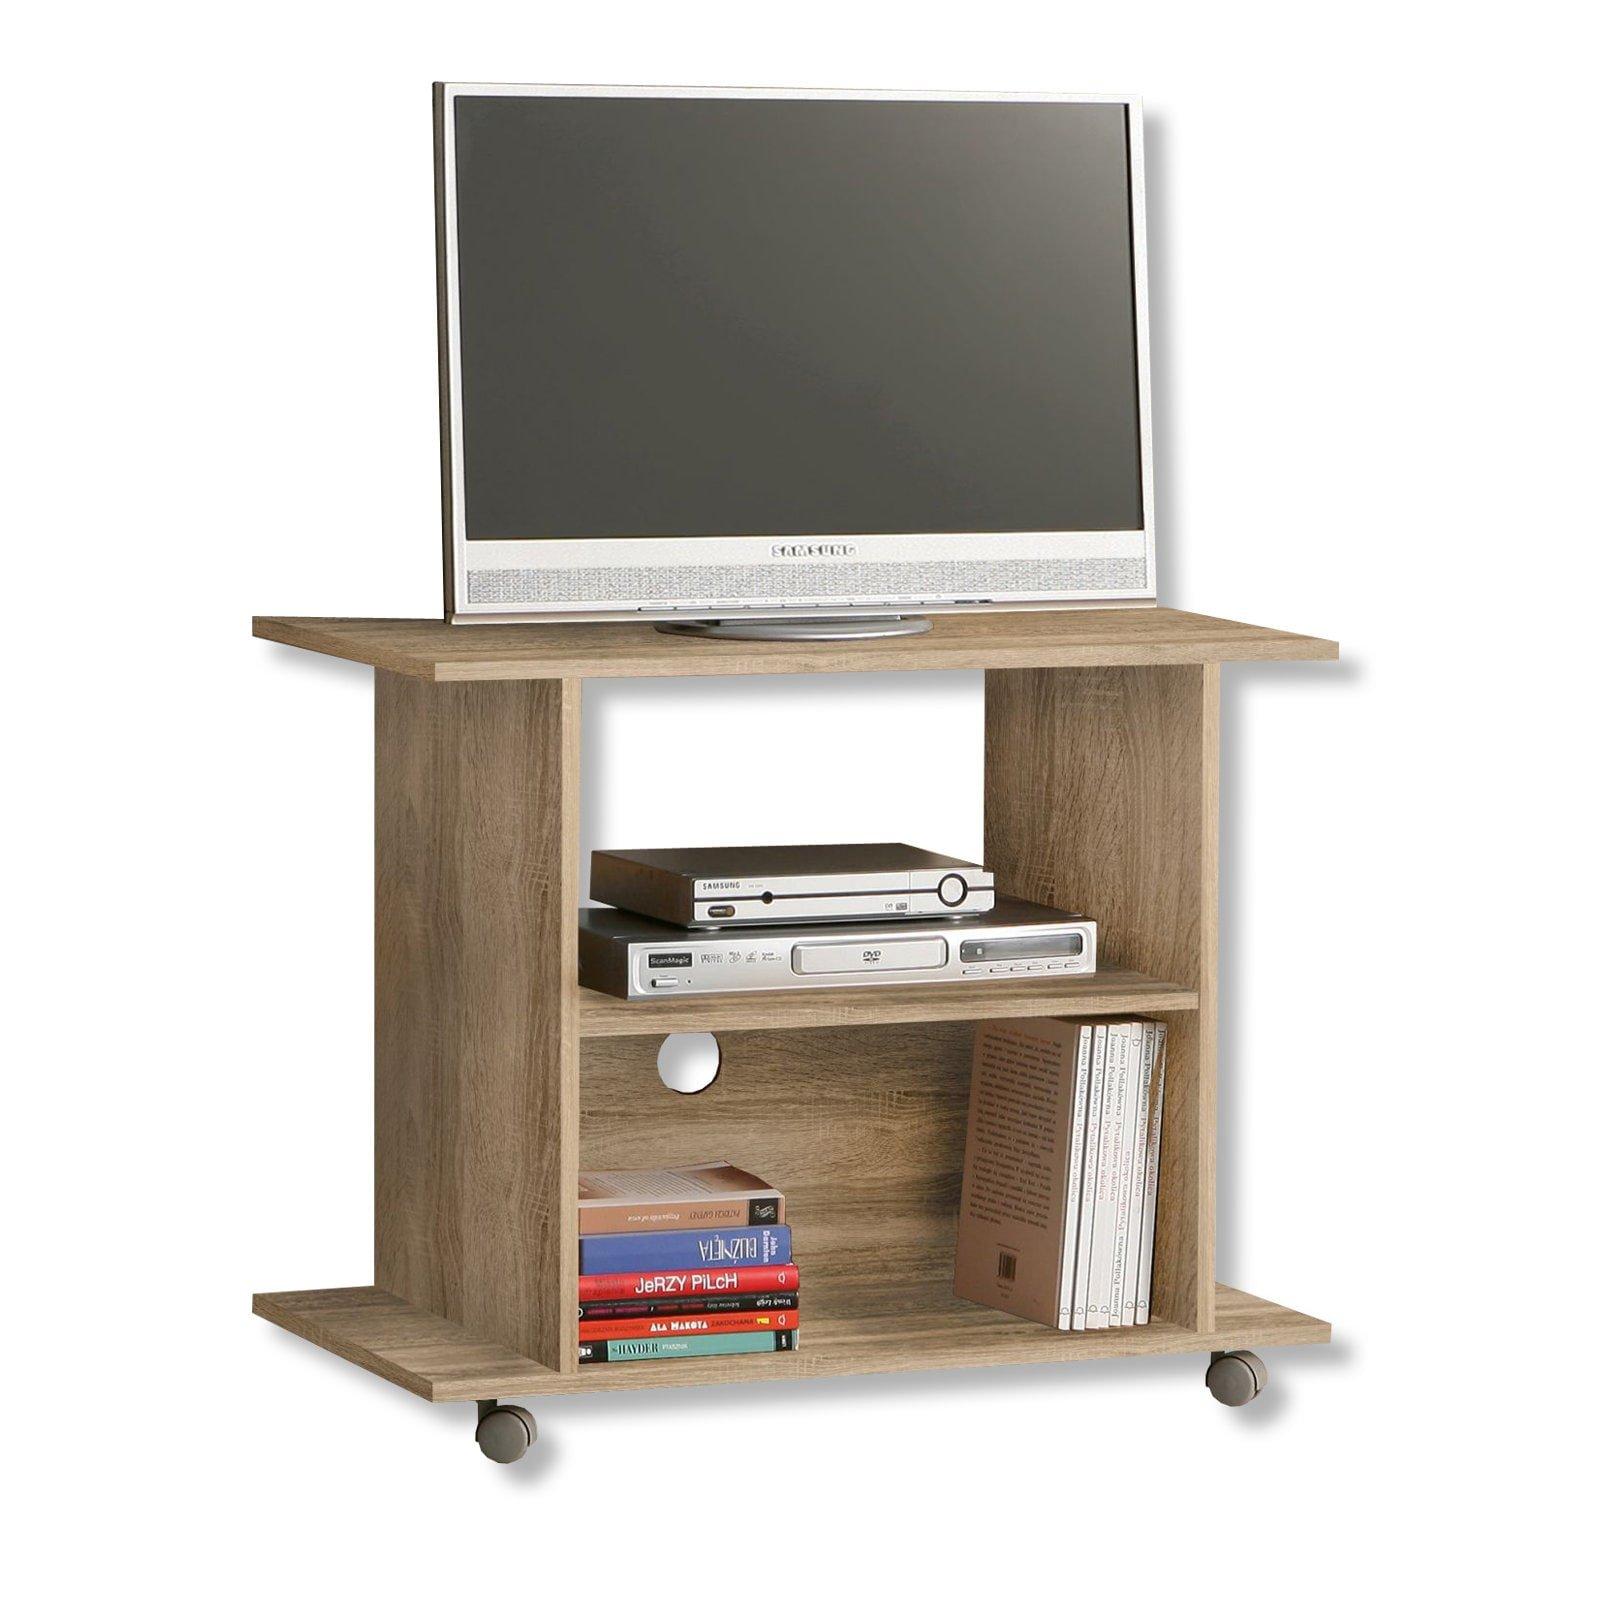 ROLLER TV-carrito DIXI mueble para mesa para televisores: Amazon.es: Hogar